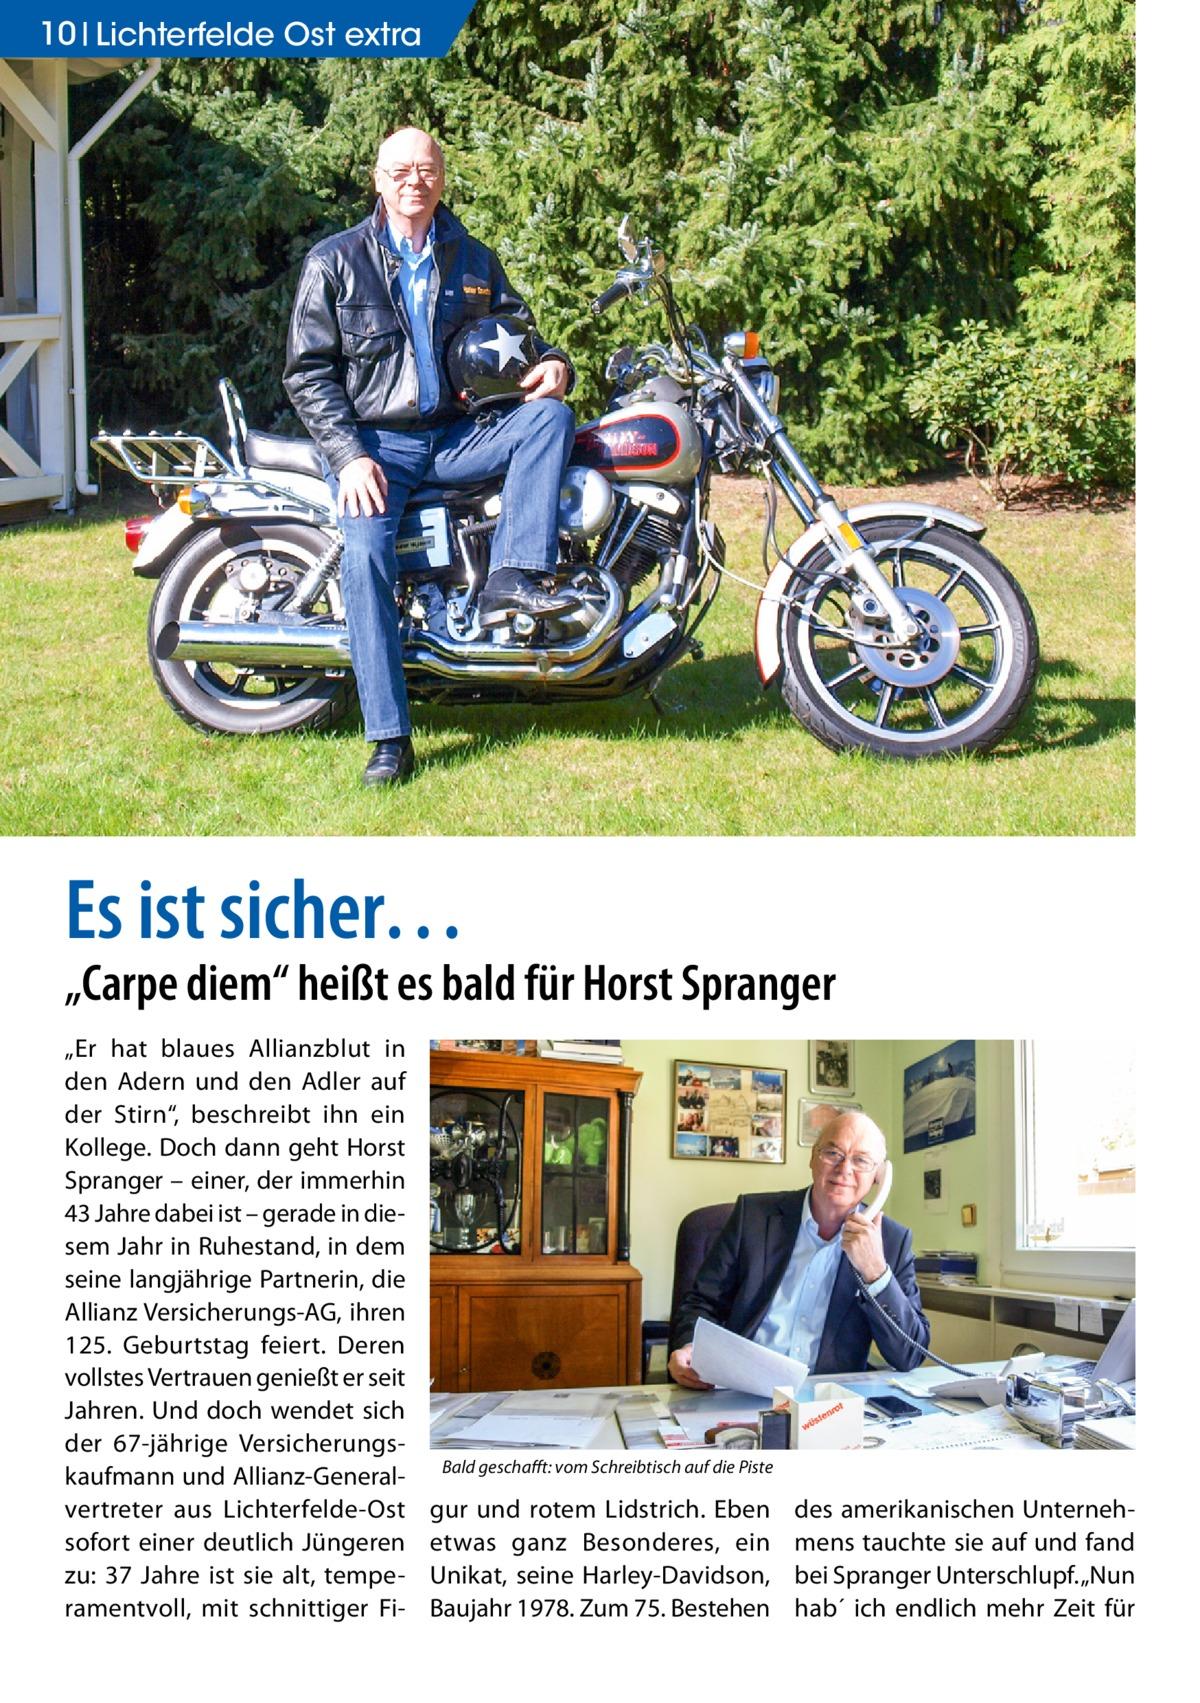 """10 Lichterfelde Ost extra  Es ist sicher…  """"Carpe diem"""" heißt es bald für Horst Spranger """"Er hat blaues Allianzblut in den Adern und den Adler auf der Stirn"""", beschreibt ihn ein Kollege. Doch dann geht Horst Spranger – einer, der immerhin 43Jahre dabei ist – gerade in diesem Jahr in Ruhestand, in dem seine langjährige Partnerin, die Allianz Versicherungs-AG, ihren 125. Geburtstag feiert. Deren vollstes Vertrauen genießt er seit Jahren. Und doch wendet sich der 67-jährige Versicherungskaufmann und Allianz-Generalvertreter aus Lichterfelde-Ost sofort einer deutlich Jüngeren zu: 37 Jahre ist sie alt, temperamentvoll, mit schnittiger Fi Bald geschafft: vom Schreibtisch auf die Piste  gur und rotem Lidstrich. Eben etwas ganz Besonderes, ein Unikat, seine Harley-Davidson, Baujahr 1978. Zum 75. Bestehen  des amerikanischen Unternehmens tauchte sie auf und fand bei Spranger Unterschlupf. """"Nun hab´ ich endlich mehr Zeit für"""